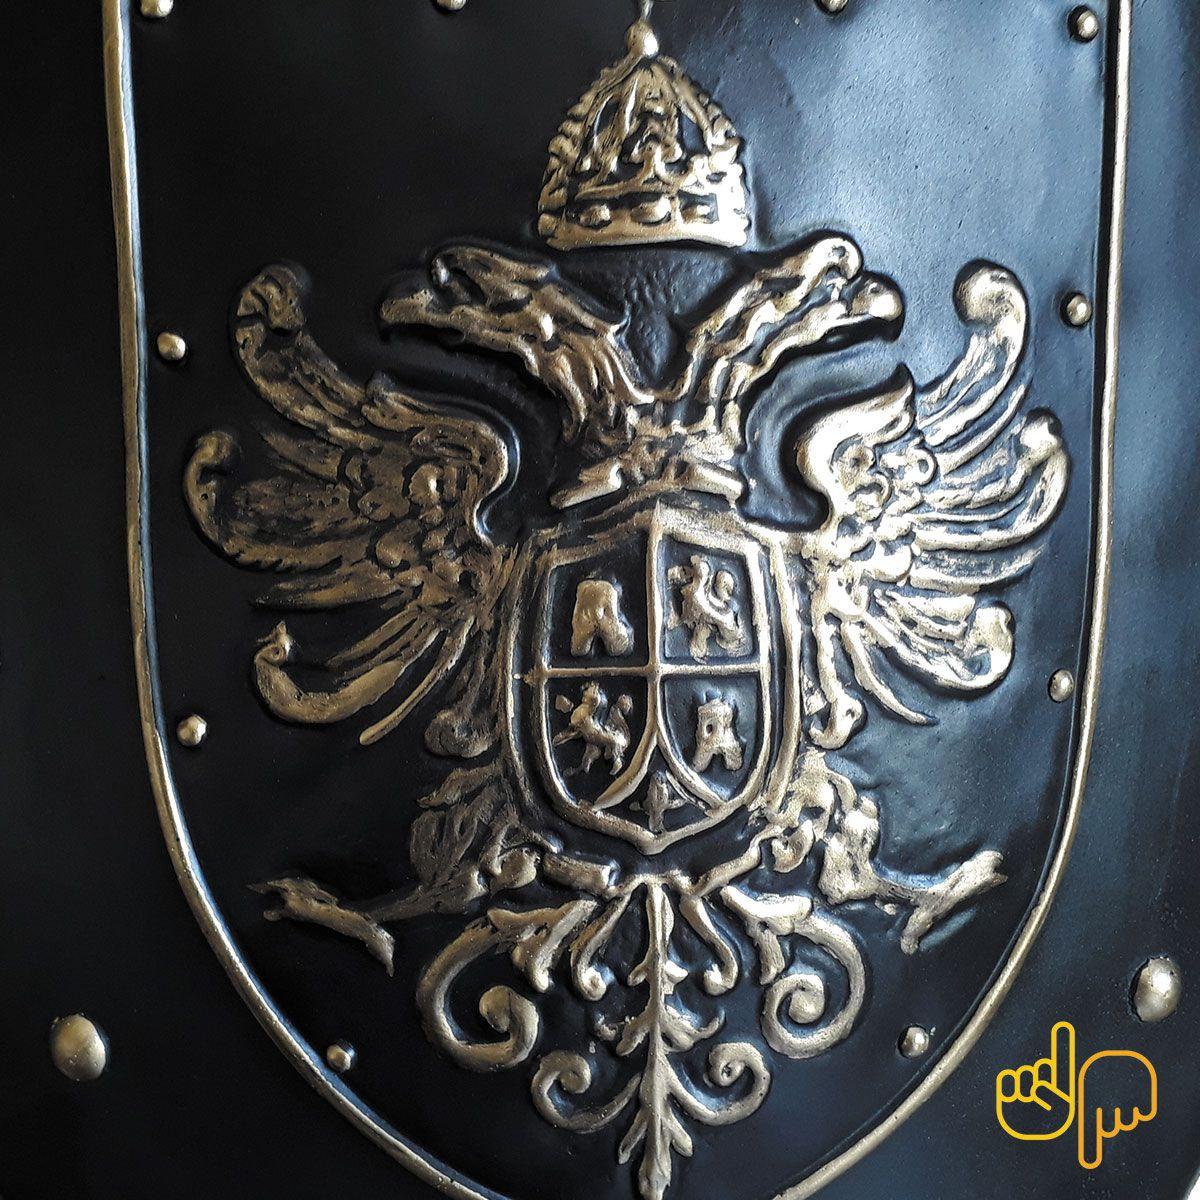 Escudo de Parede Medieval Mod. Àguia Bicéfala